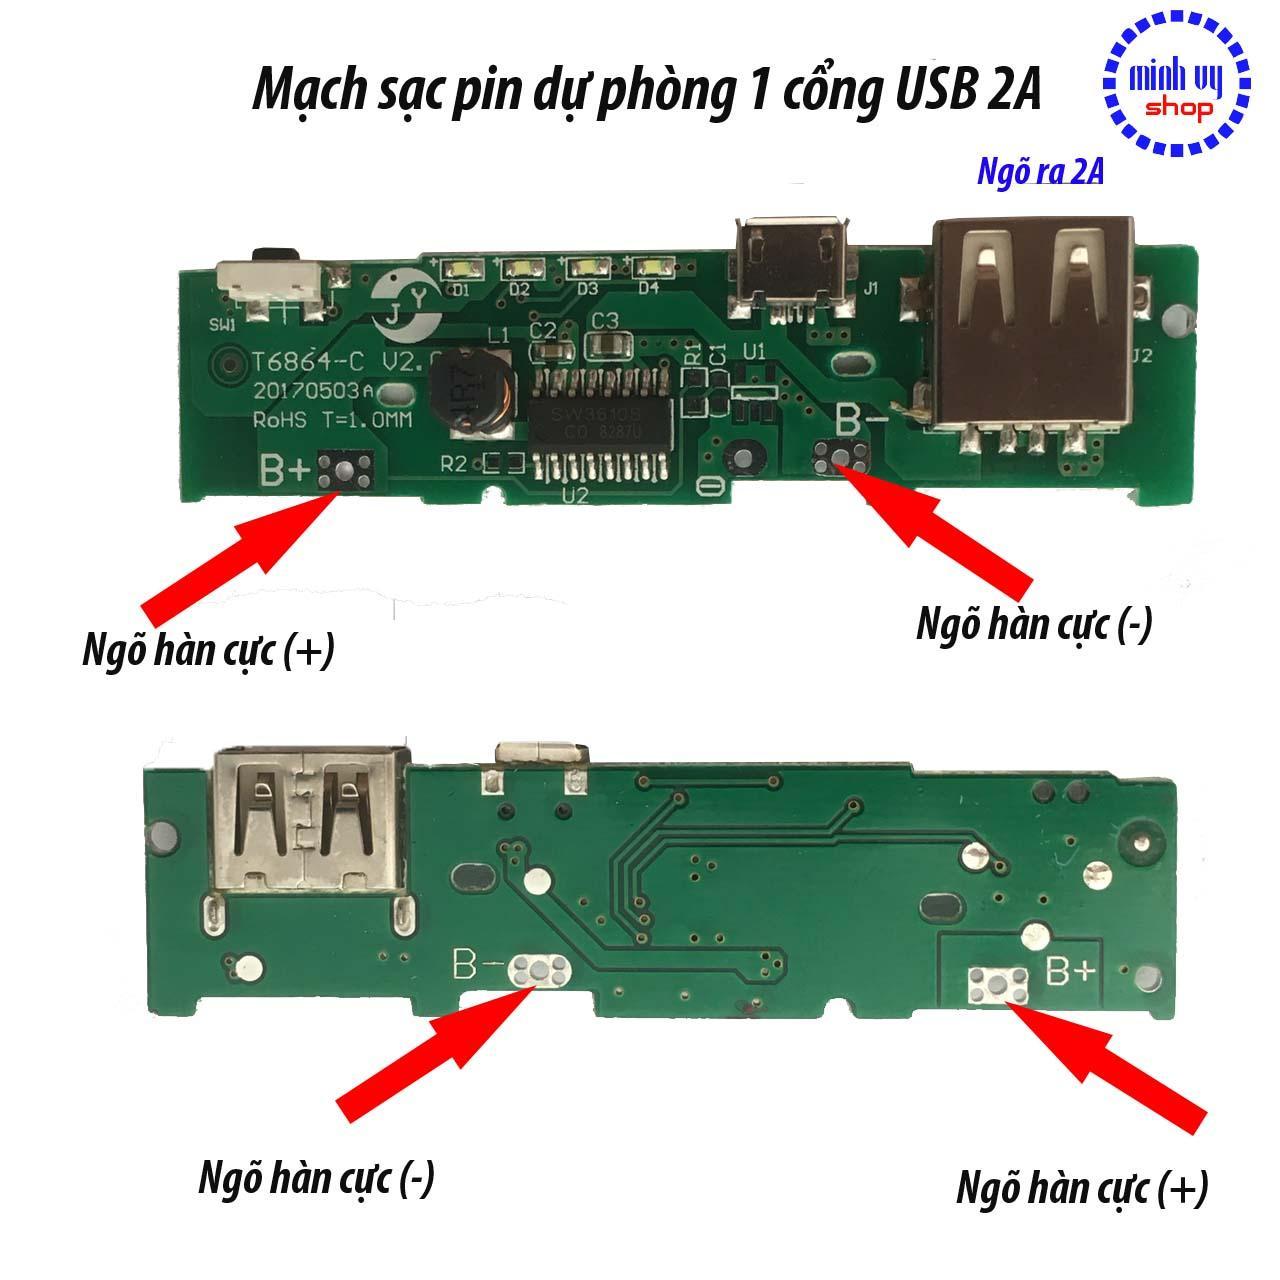 Mua Mạch Sạc Pin Dự Phòng 1 Cổng USB 2A -tặng kèm box 4 ở đâu tốt?